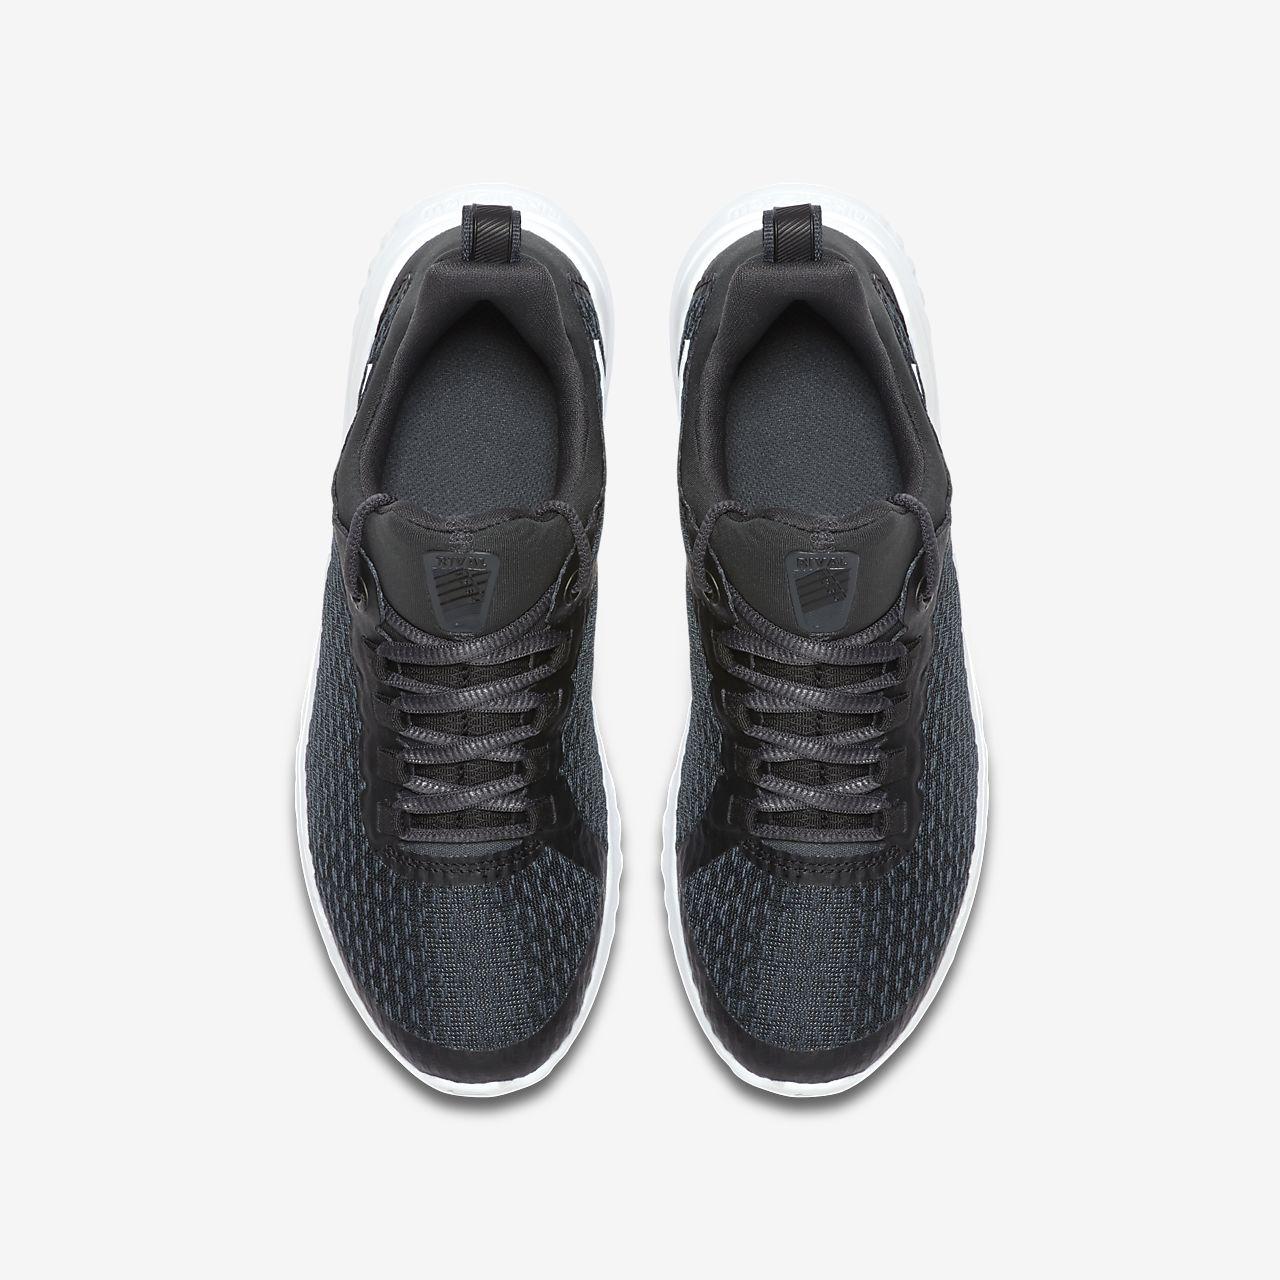 a365c706df6 Sapatilhas de running Nike Renew Rival Júnior. Nike.com PT